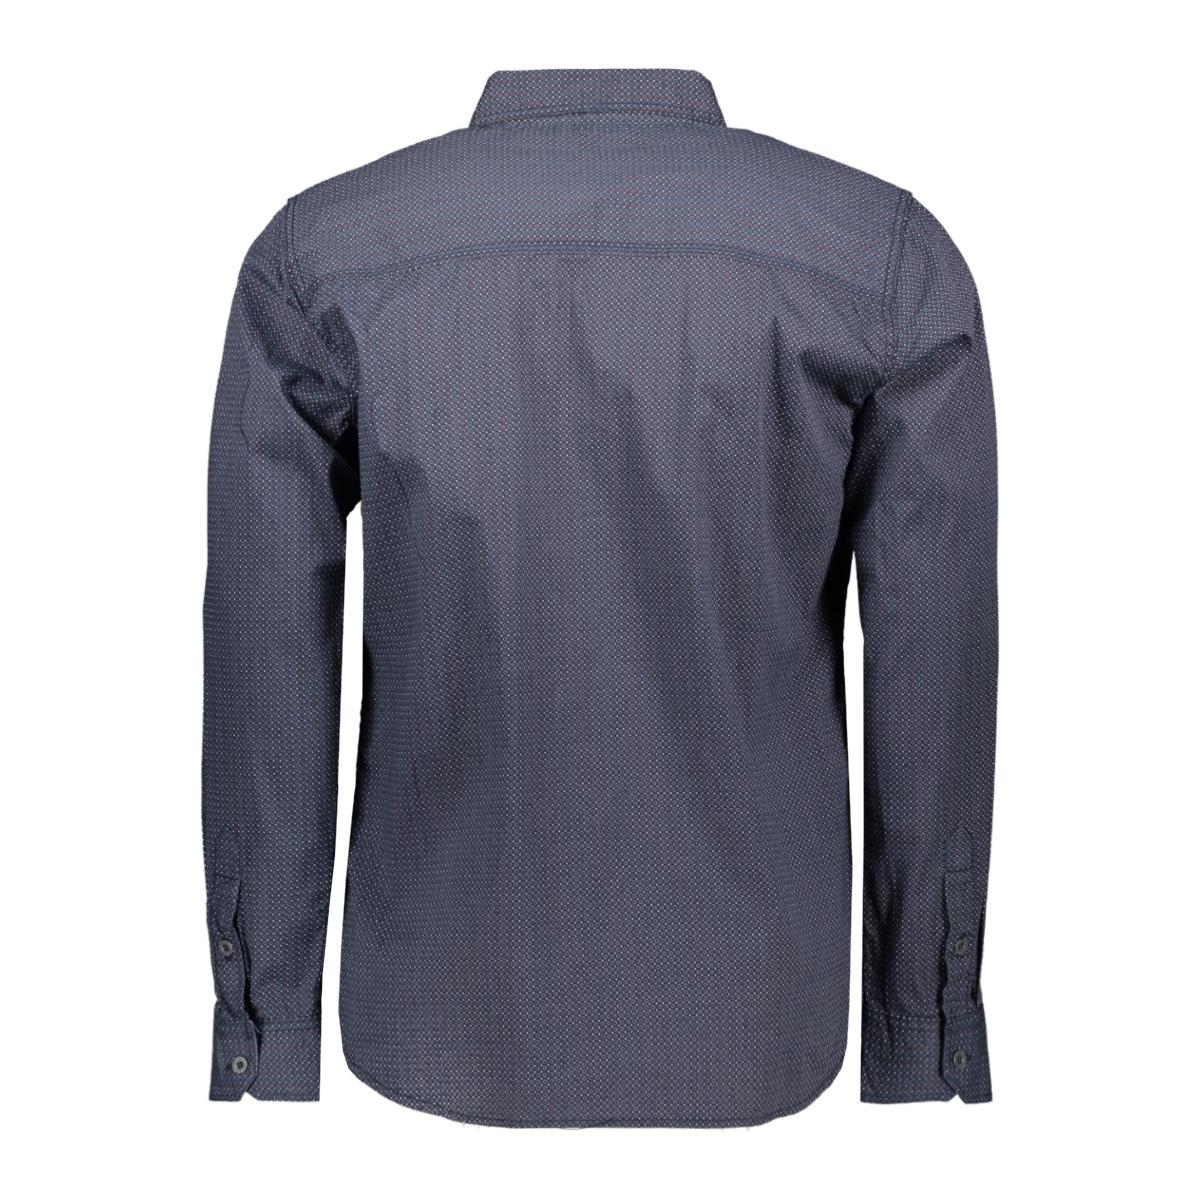 sady shirt 4413092 cars overhemd deep navy